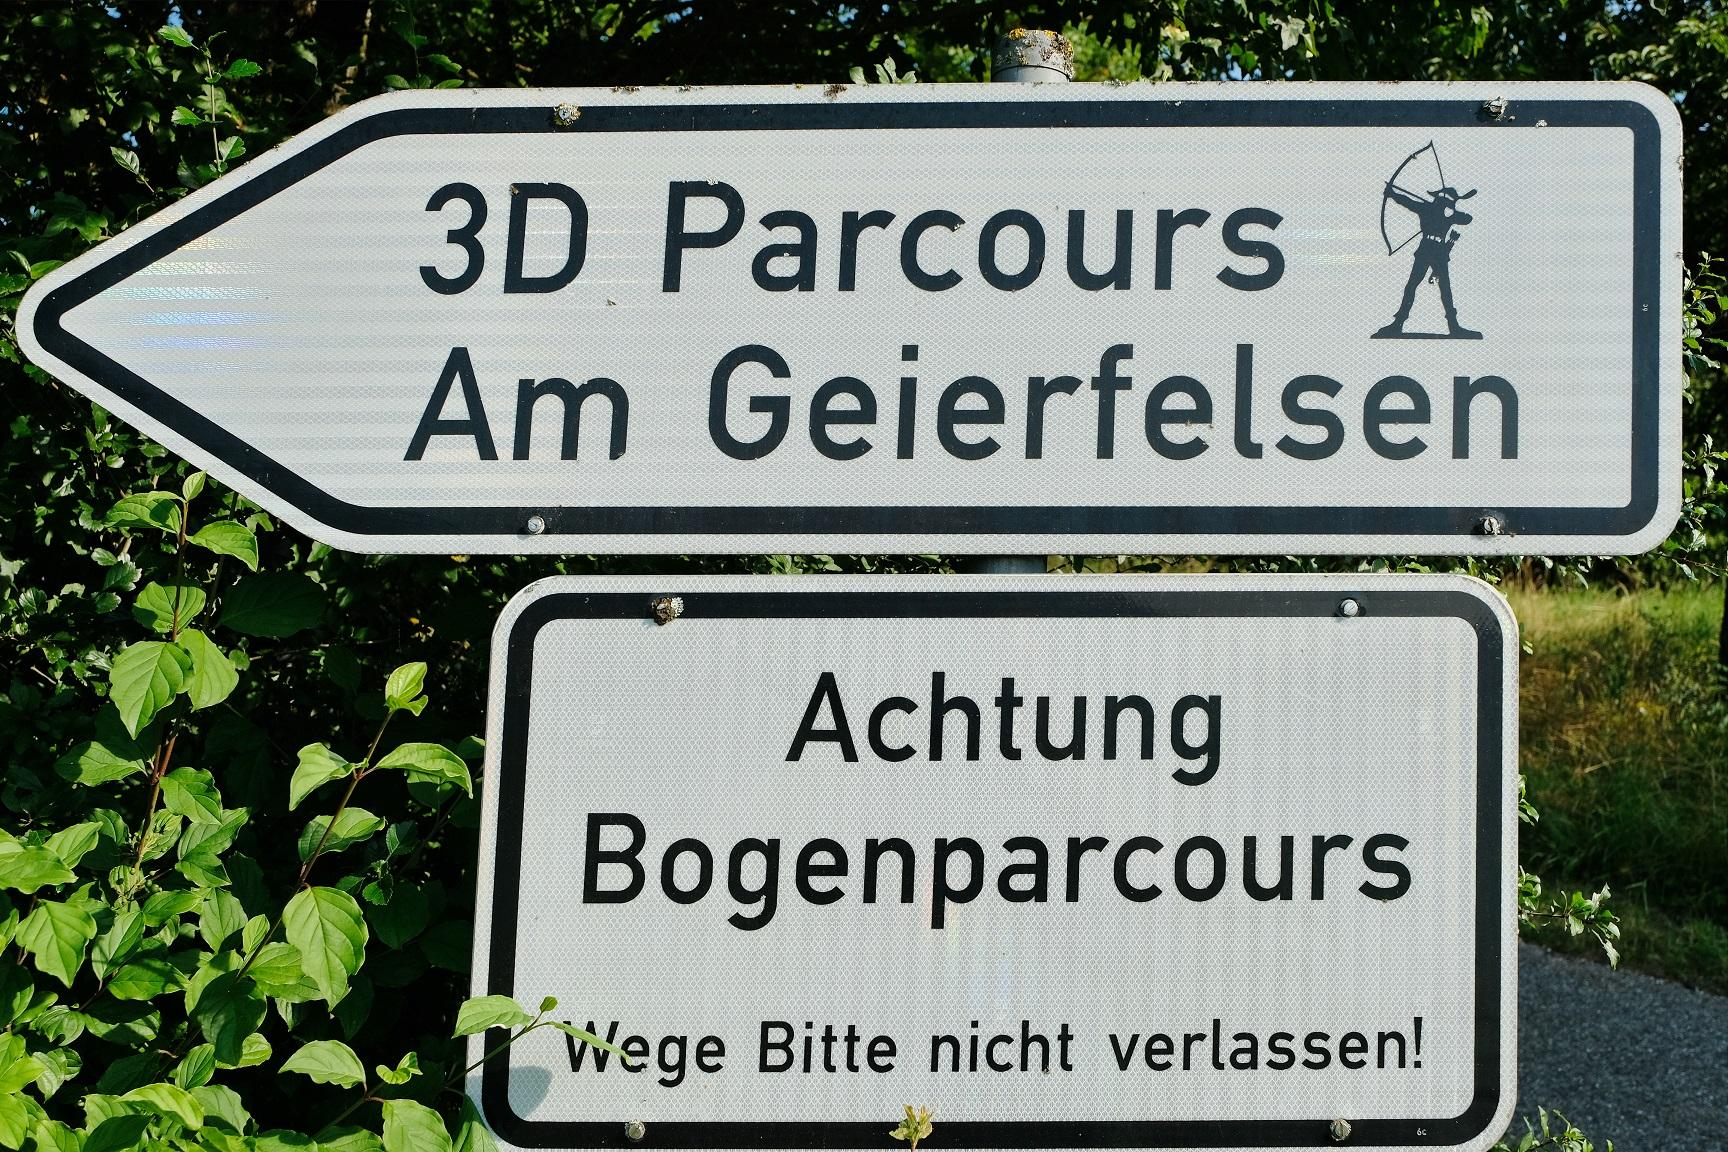 Bogenparcours am Geierfelsen - H. Meidenbauer